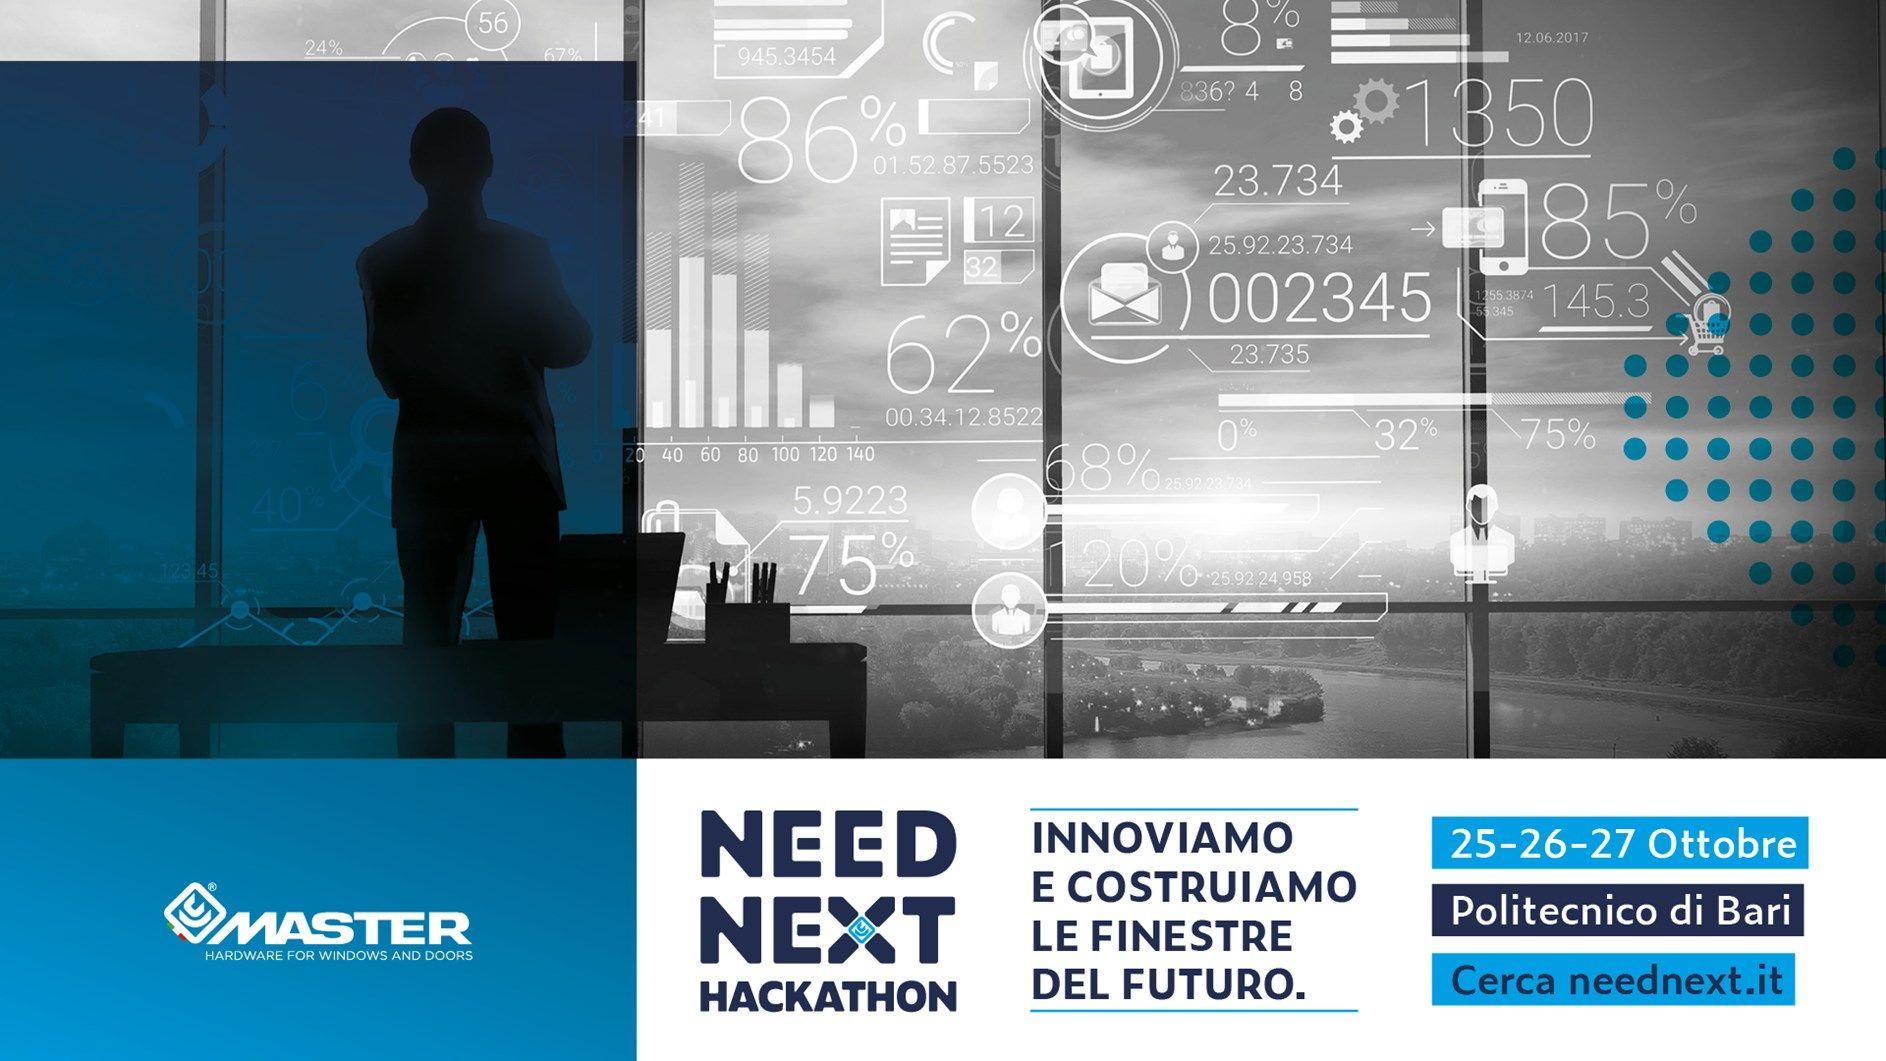 Master Italy presenta NEED NEXT Hackathon: innoviamo e costruiamo le finestre del futuro